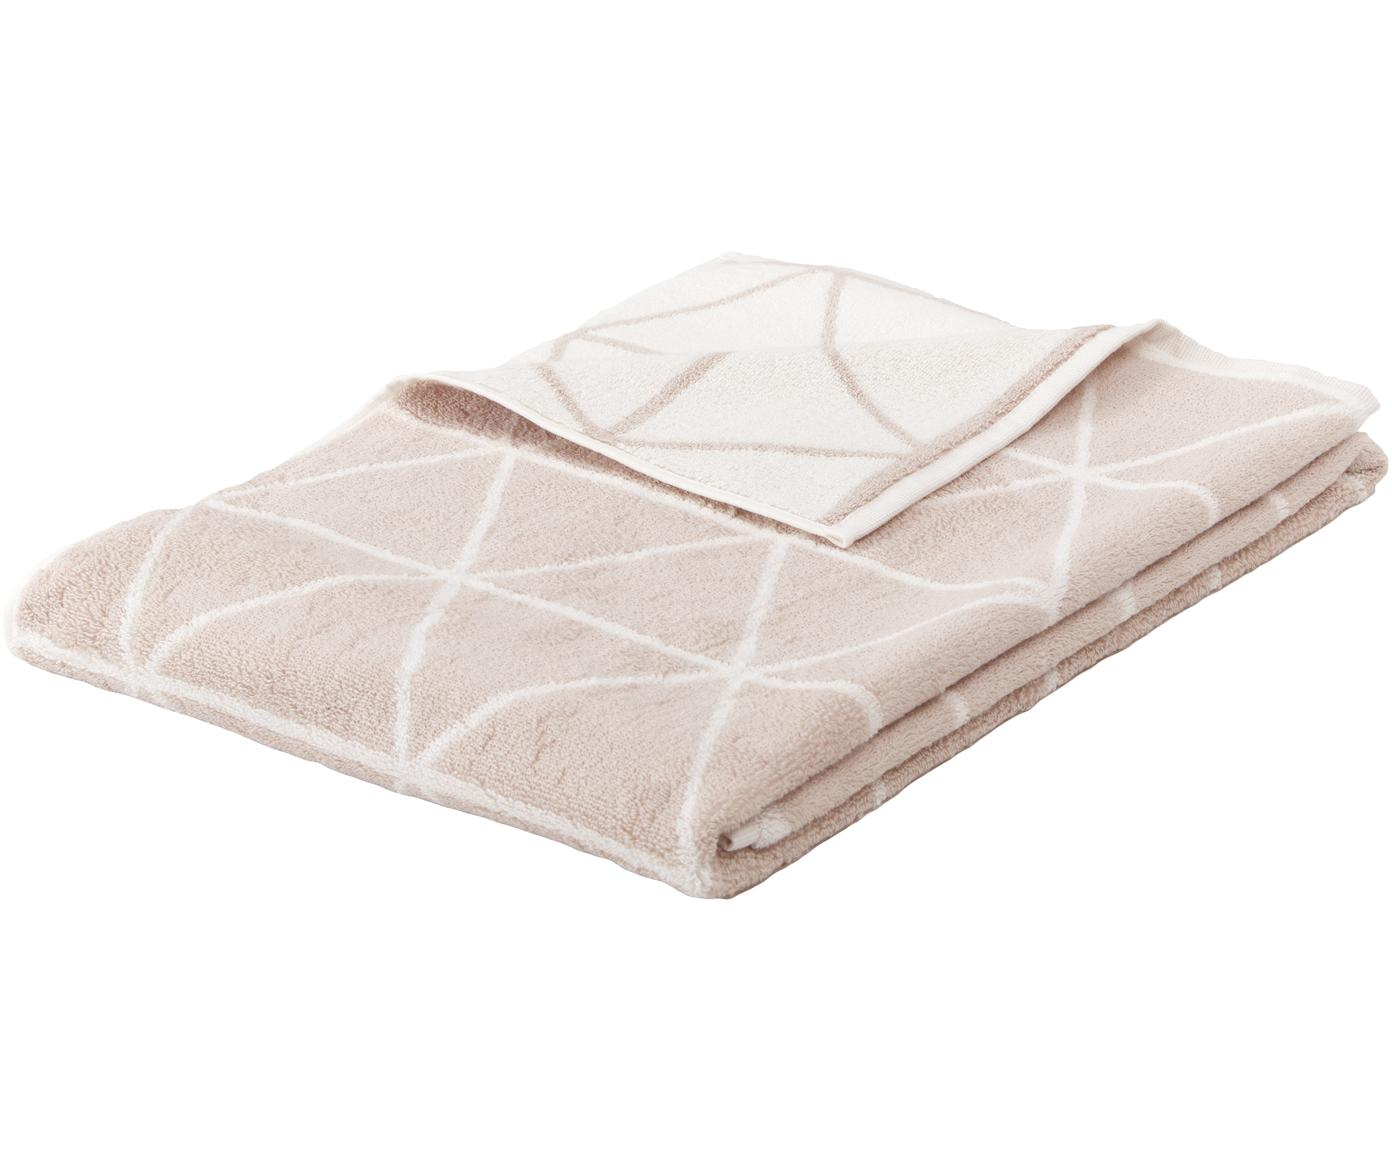 Dubbelzijdige handdoek Elina, 100% katoen, middelzware kwaliteit, 550 g/m², Zandkleurig, crèmewit, Handdoek